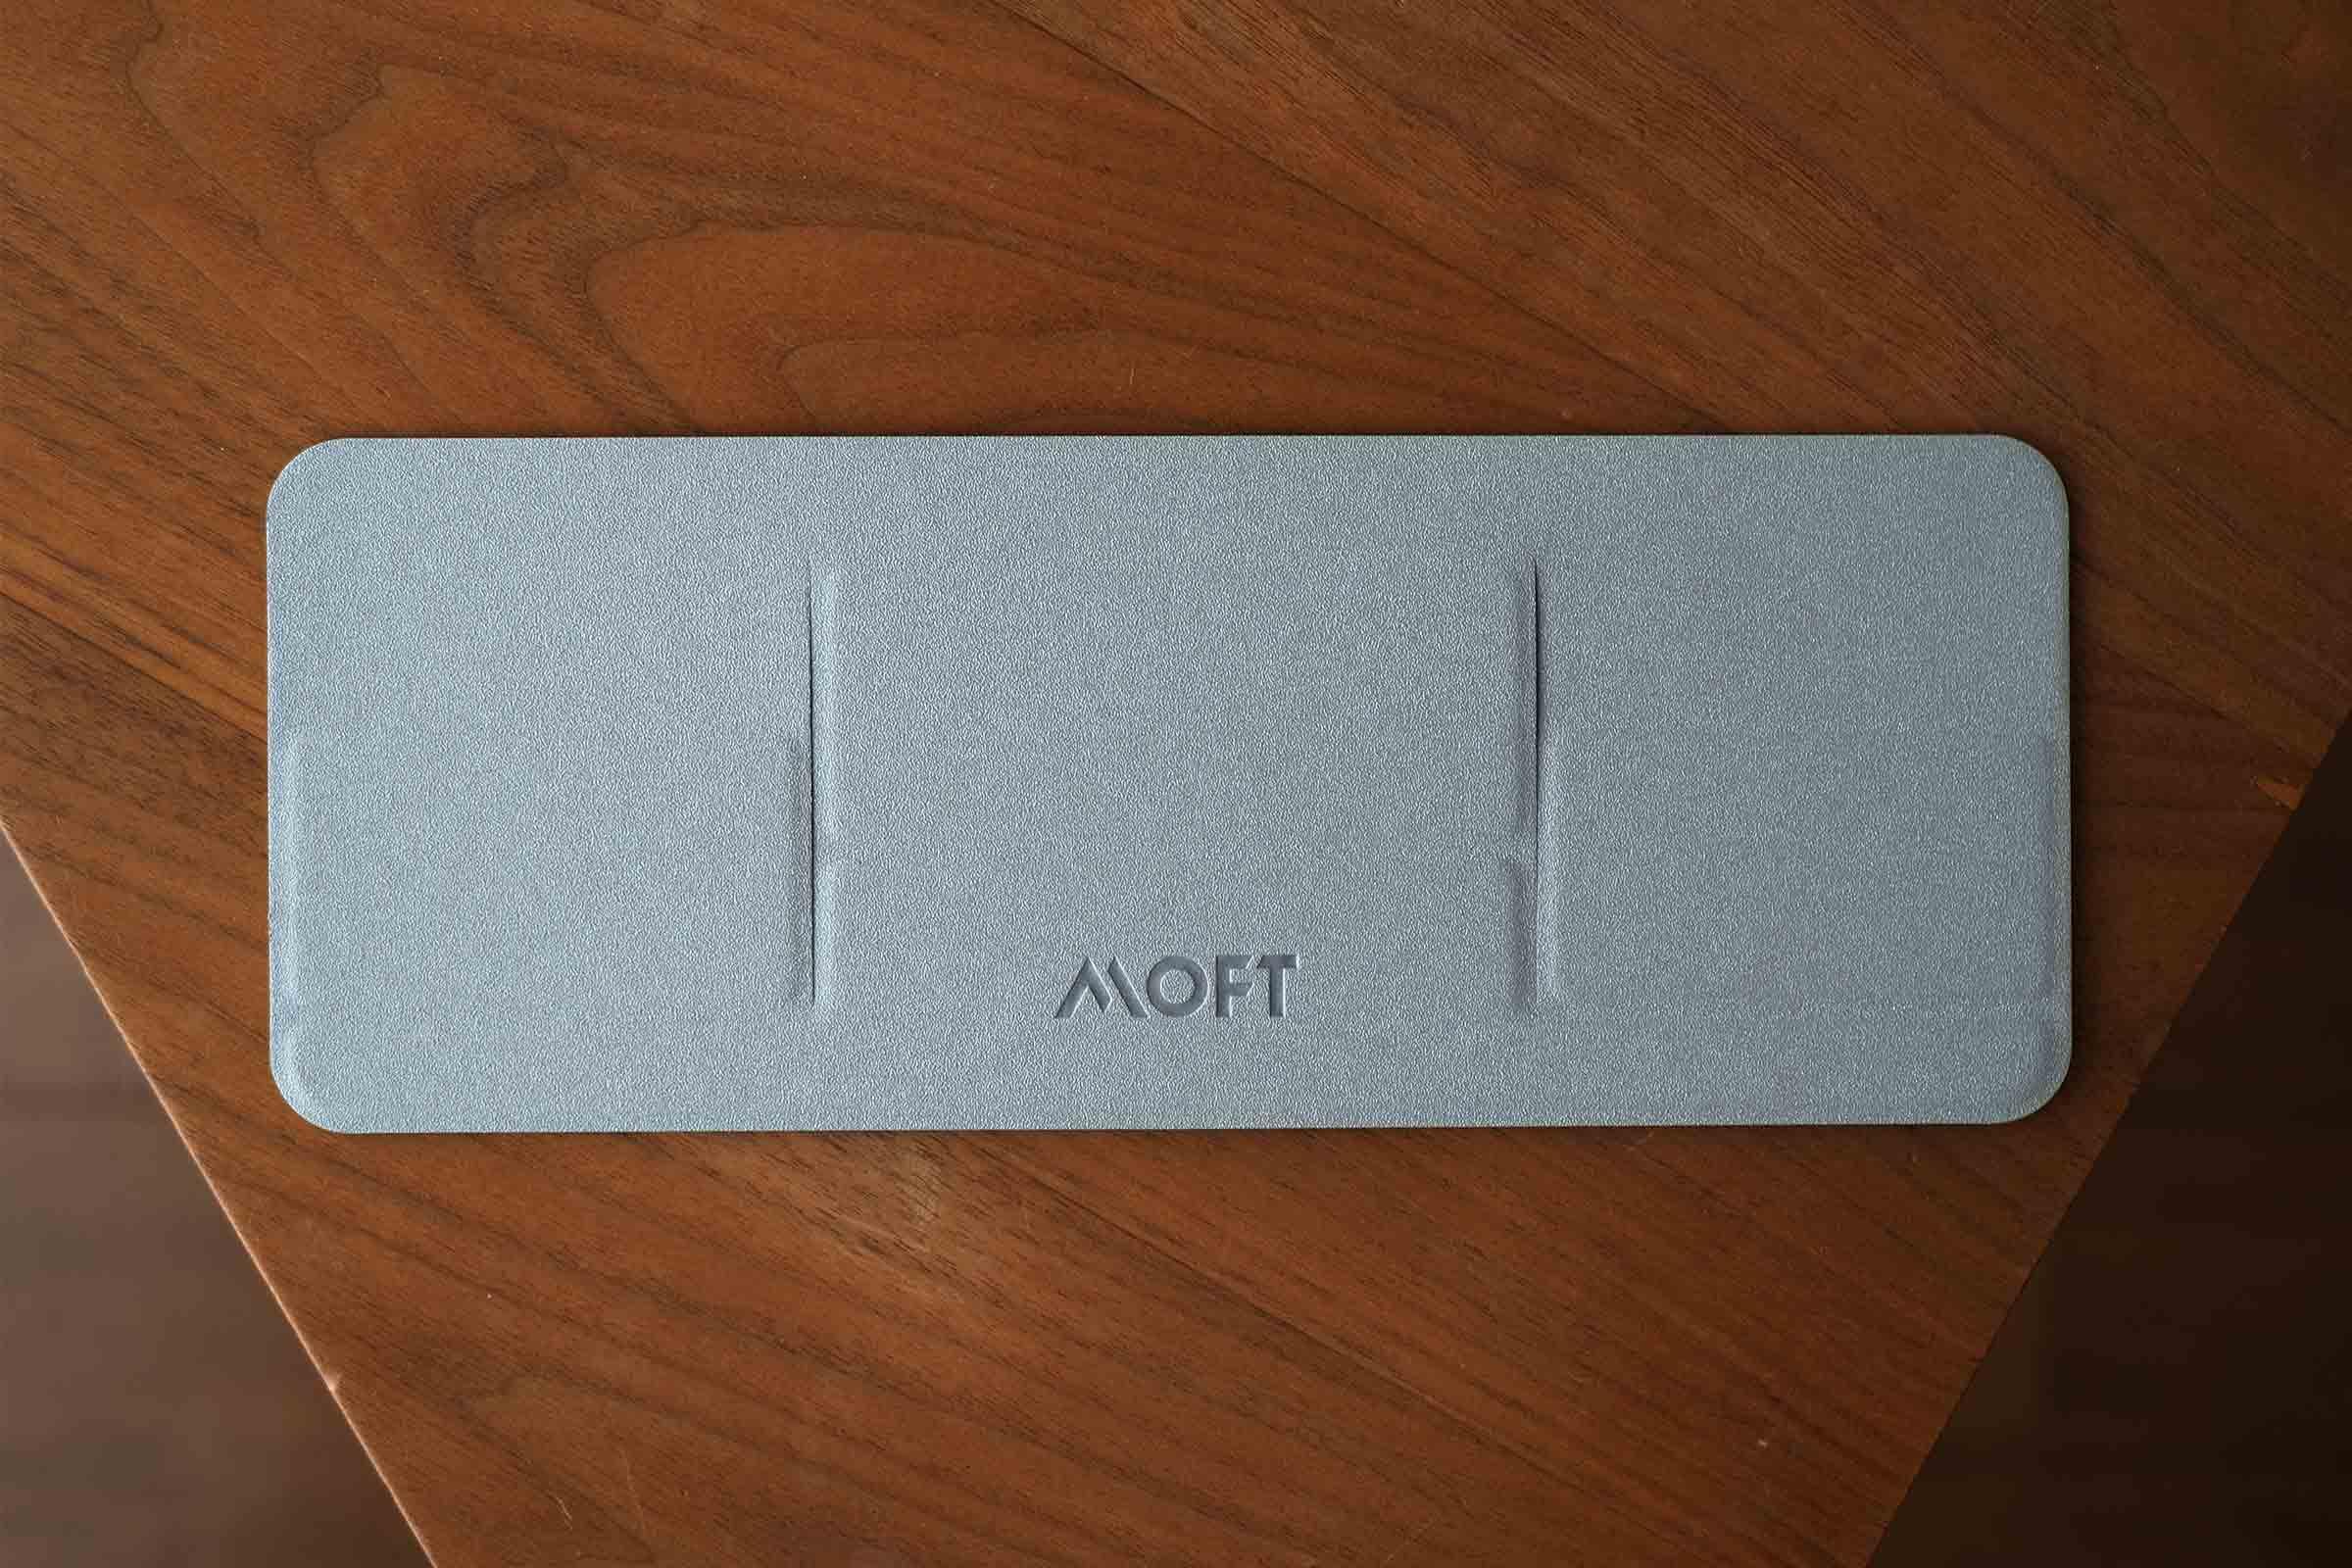 moft,MOFTmini,PCスタンド,パソコンスタンド,クラウドファンディング,薄い,安い,コスパ,,小さい